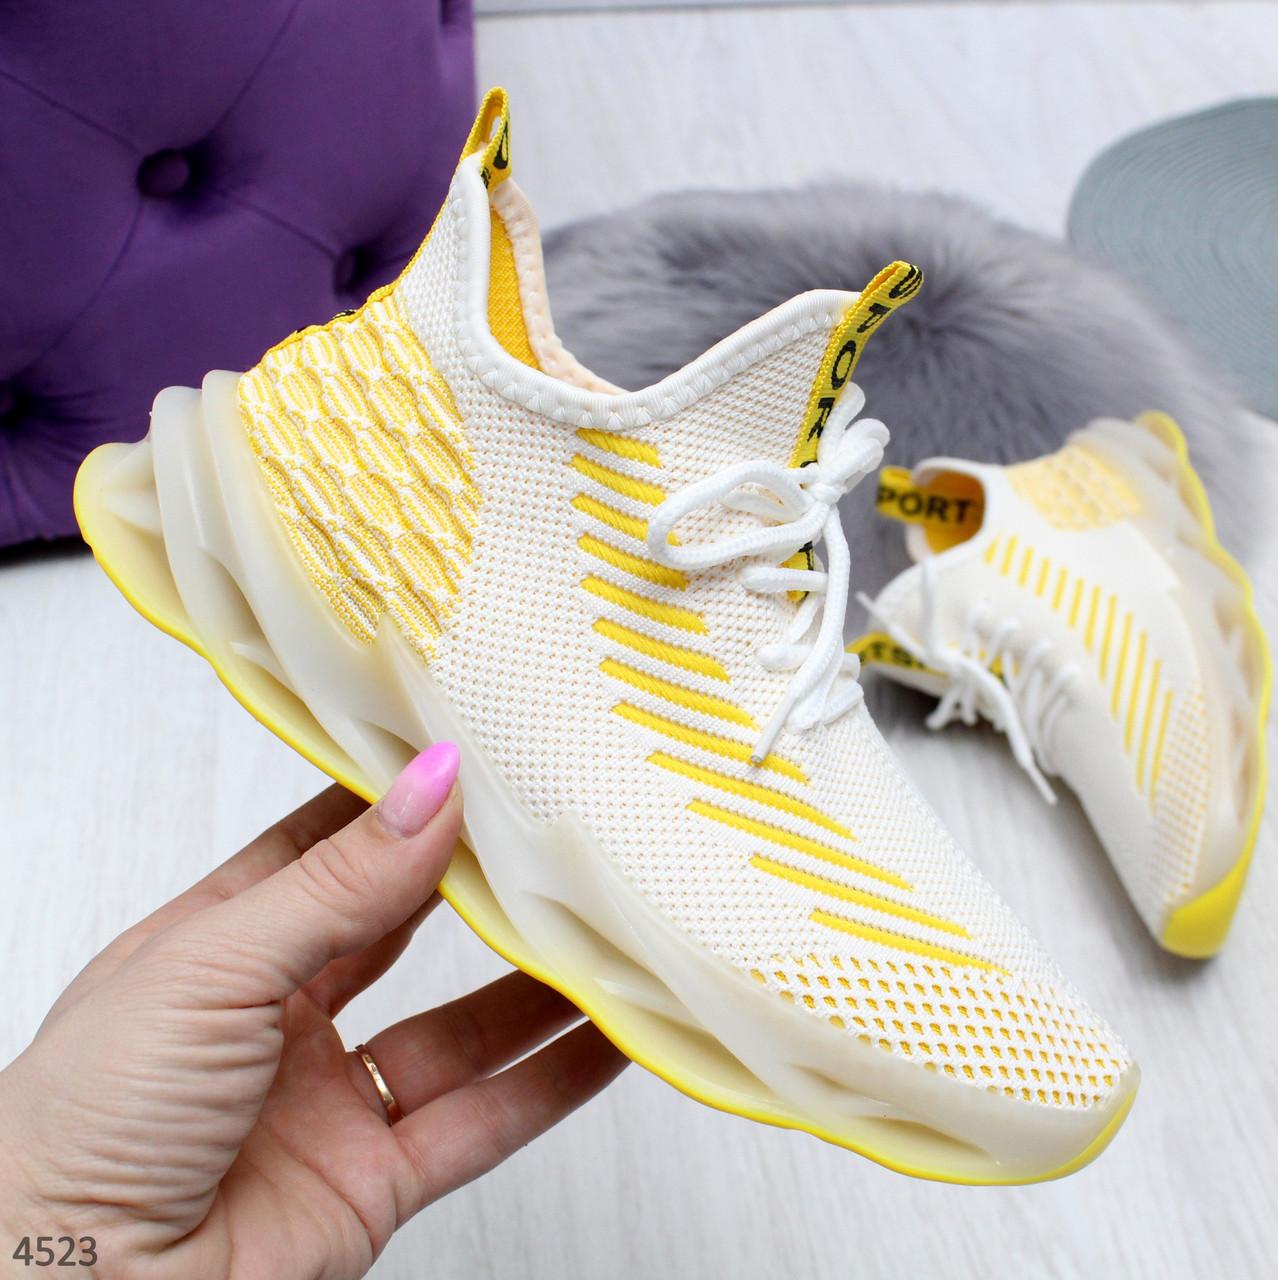 Женские желтые текстильные кроссовки-носки Sport  Socks